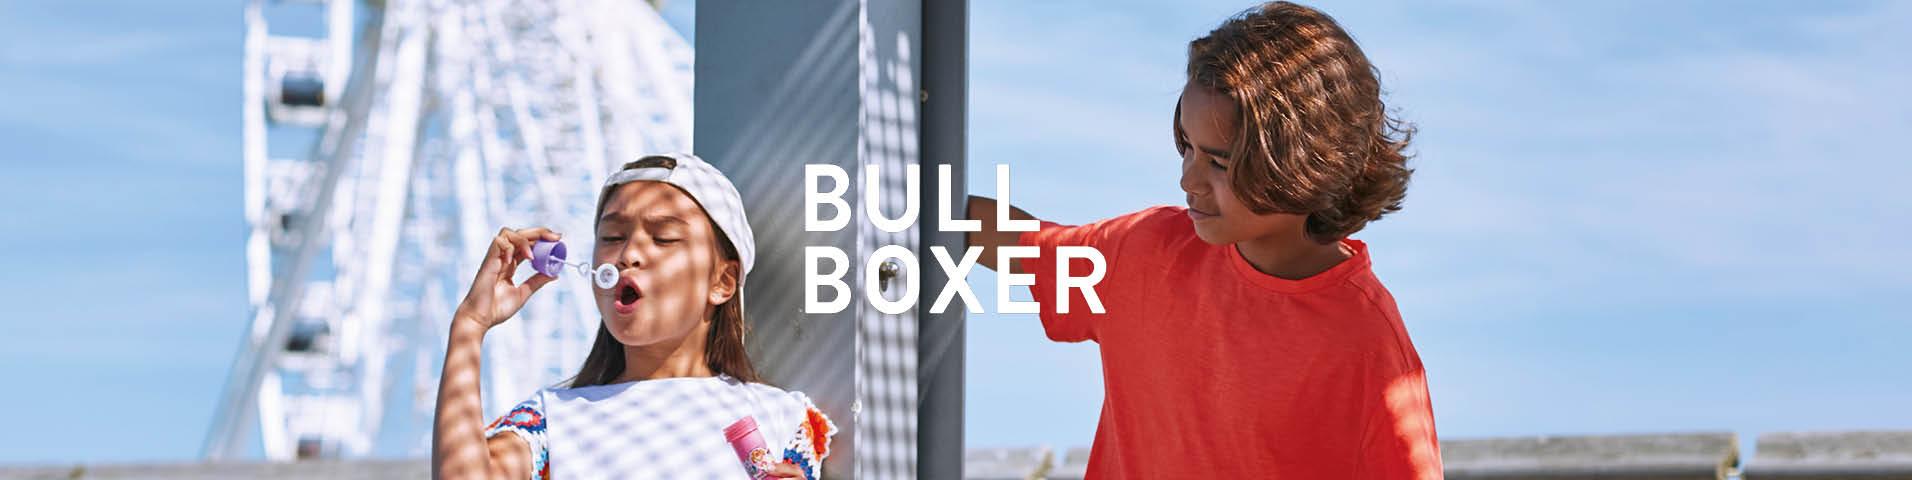 Bullboxer Kinderschoenen online kopen | Gratis verzending